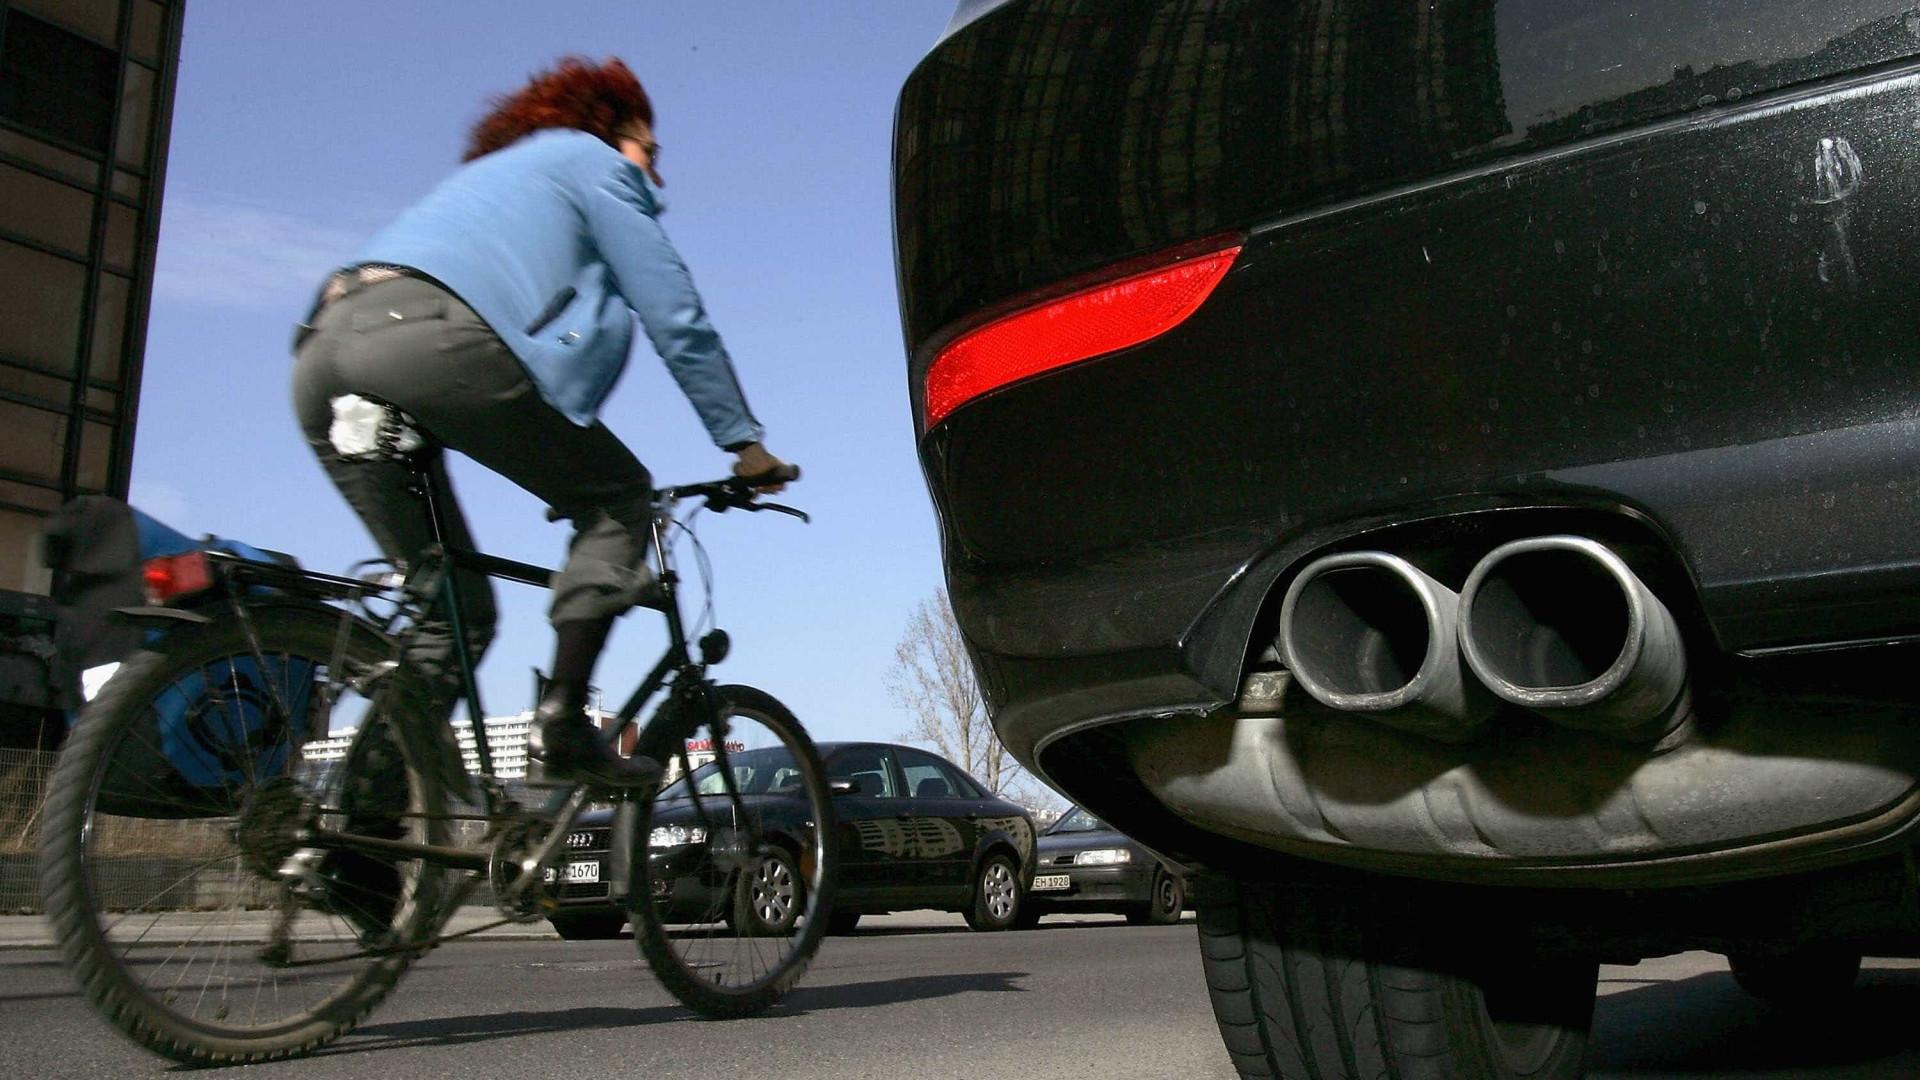 Quercus alerta: 80% dos carros a gasóleo excedem emissões legais